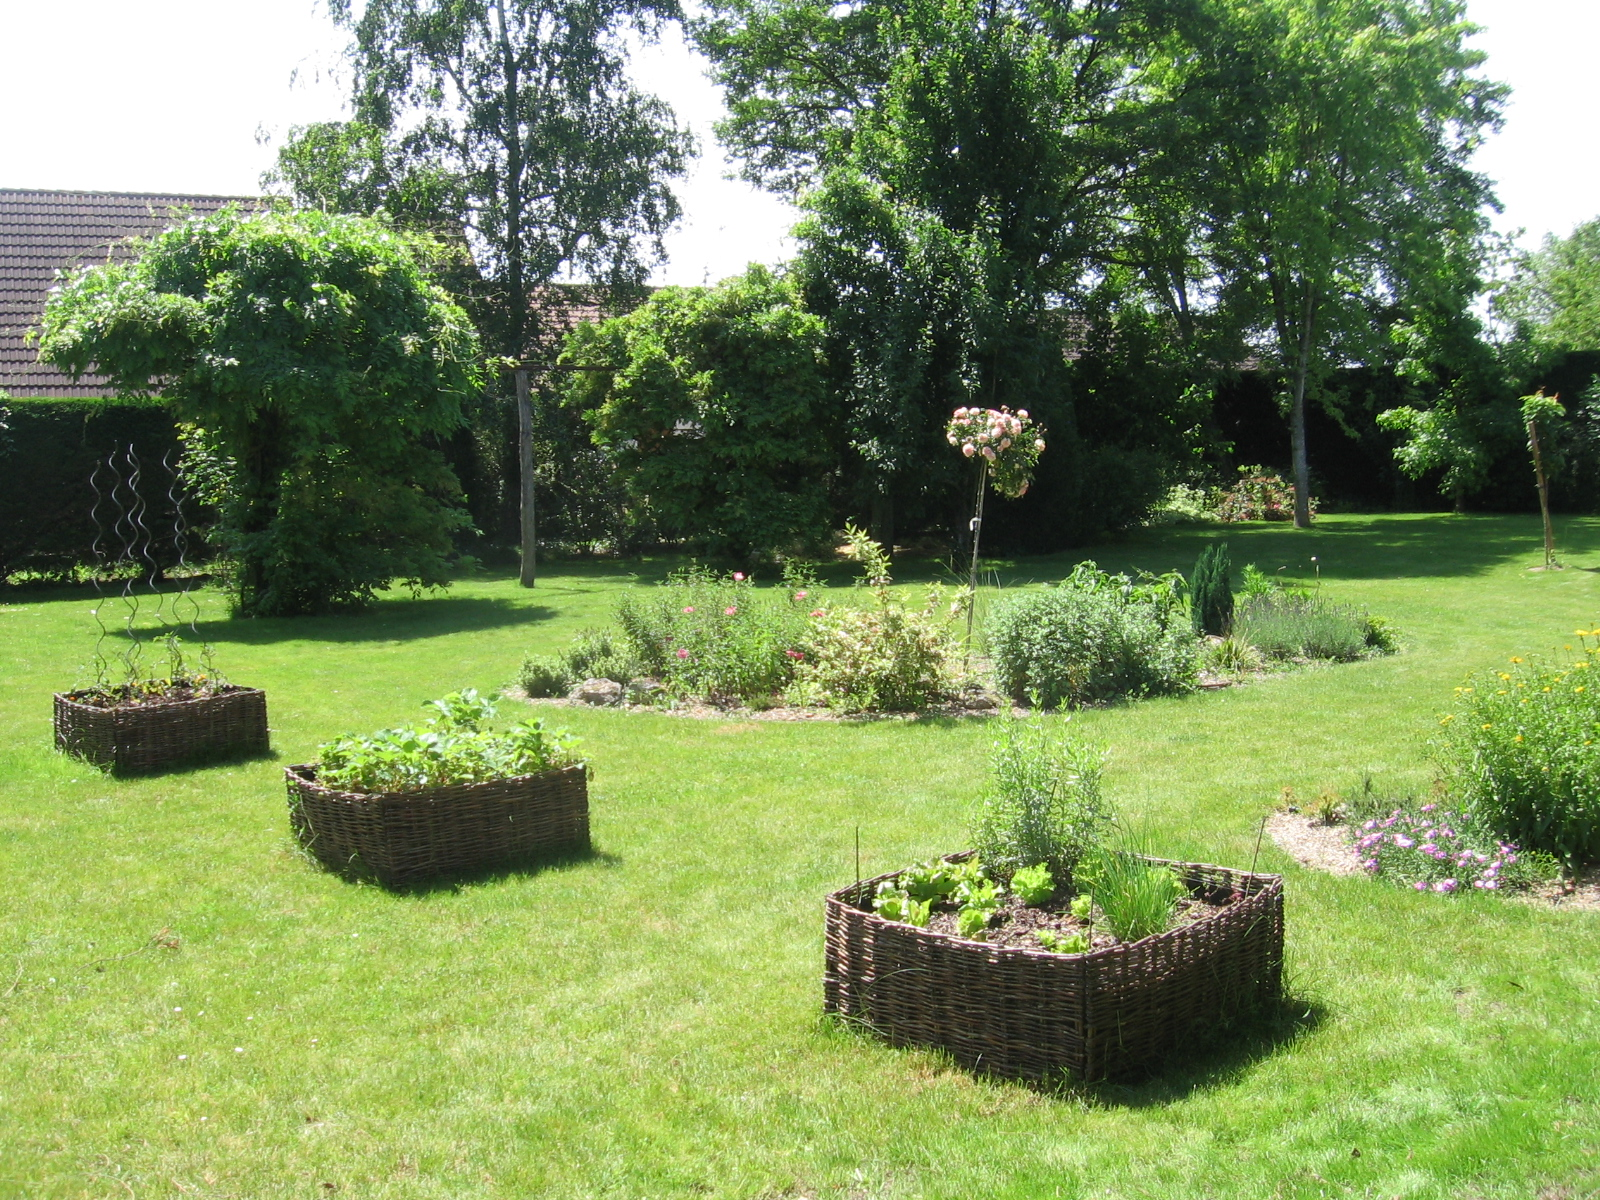 Laviverte cr ateur d 39 am nagements paysagers for Entretien jardin loiret